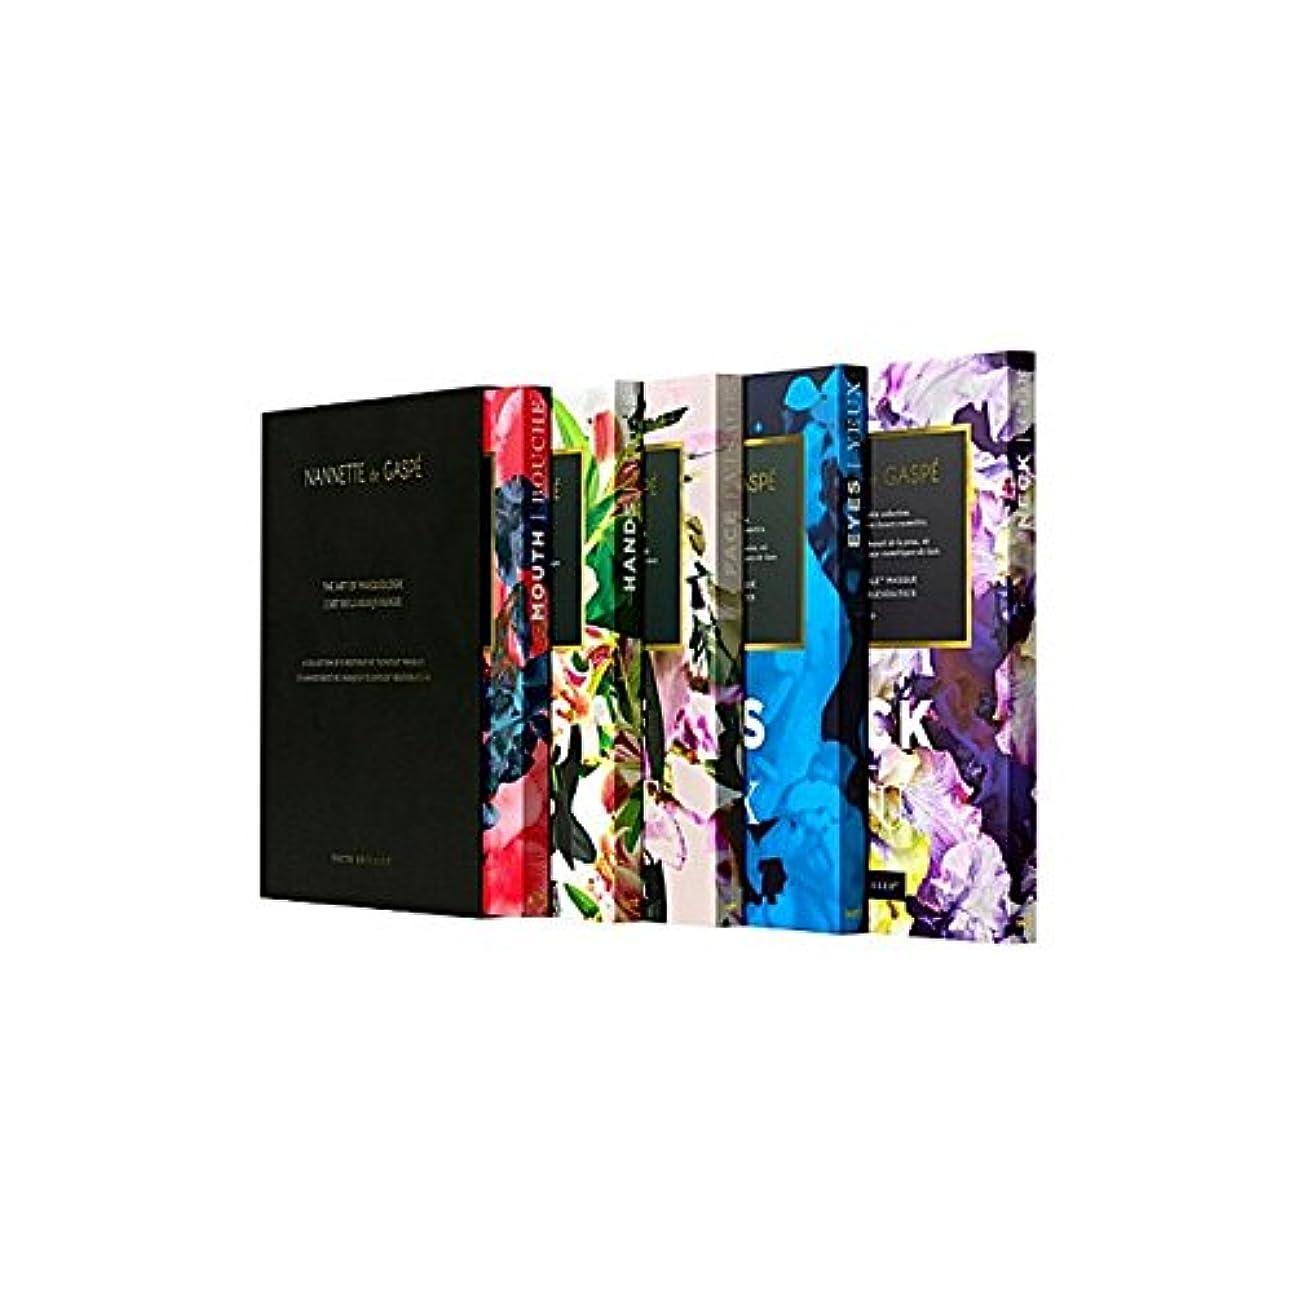 カプセル王室投げ捨てるNannette De Gaspe Restorative Techstile Masque Coffret (Pack of 6) - デガスペ修復仮面劇コフレ x6 [並行輸入品]